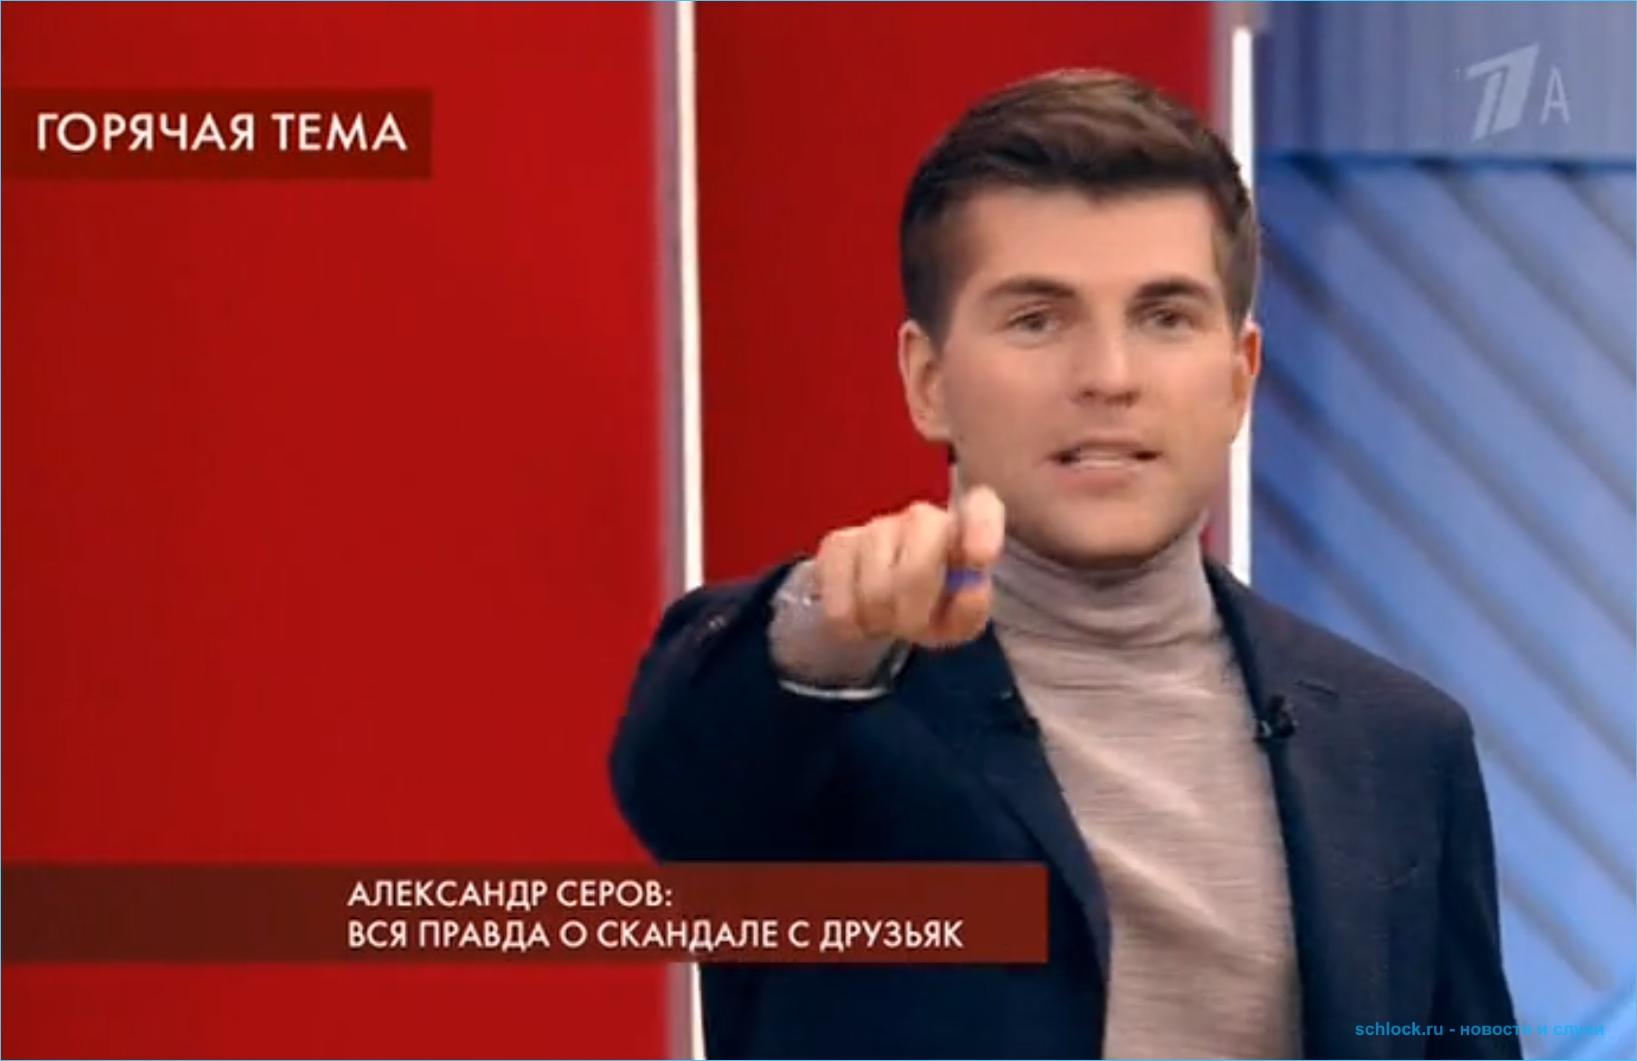 Александр Серов обвинил Дарью Друзьяк в воровстве!